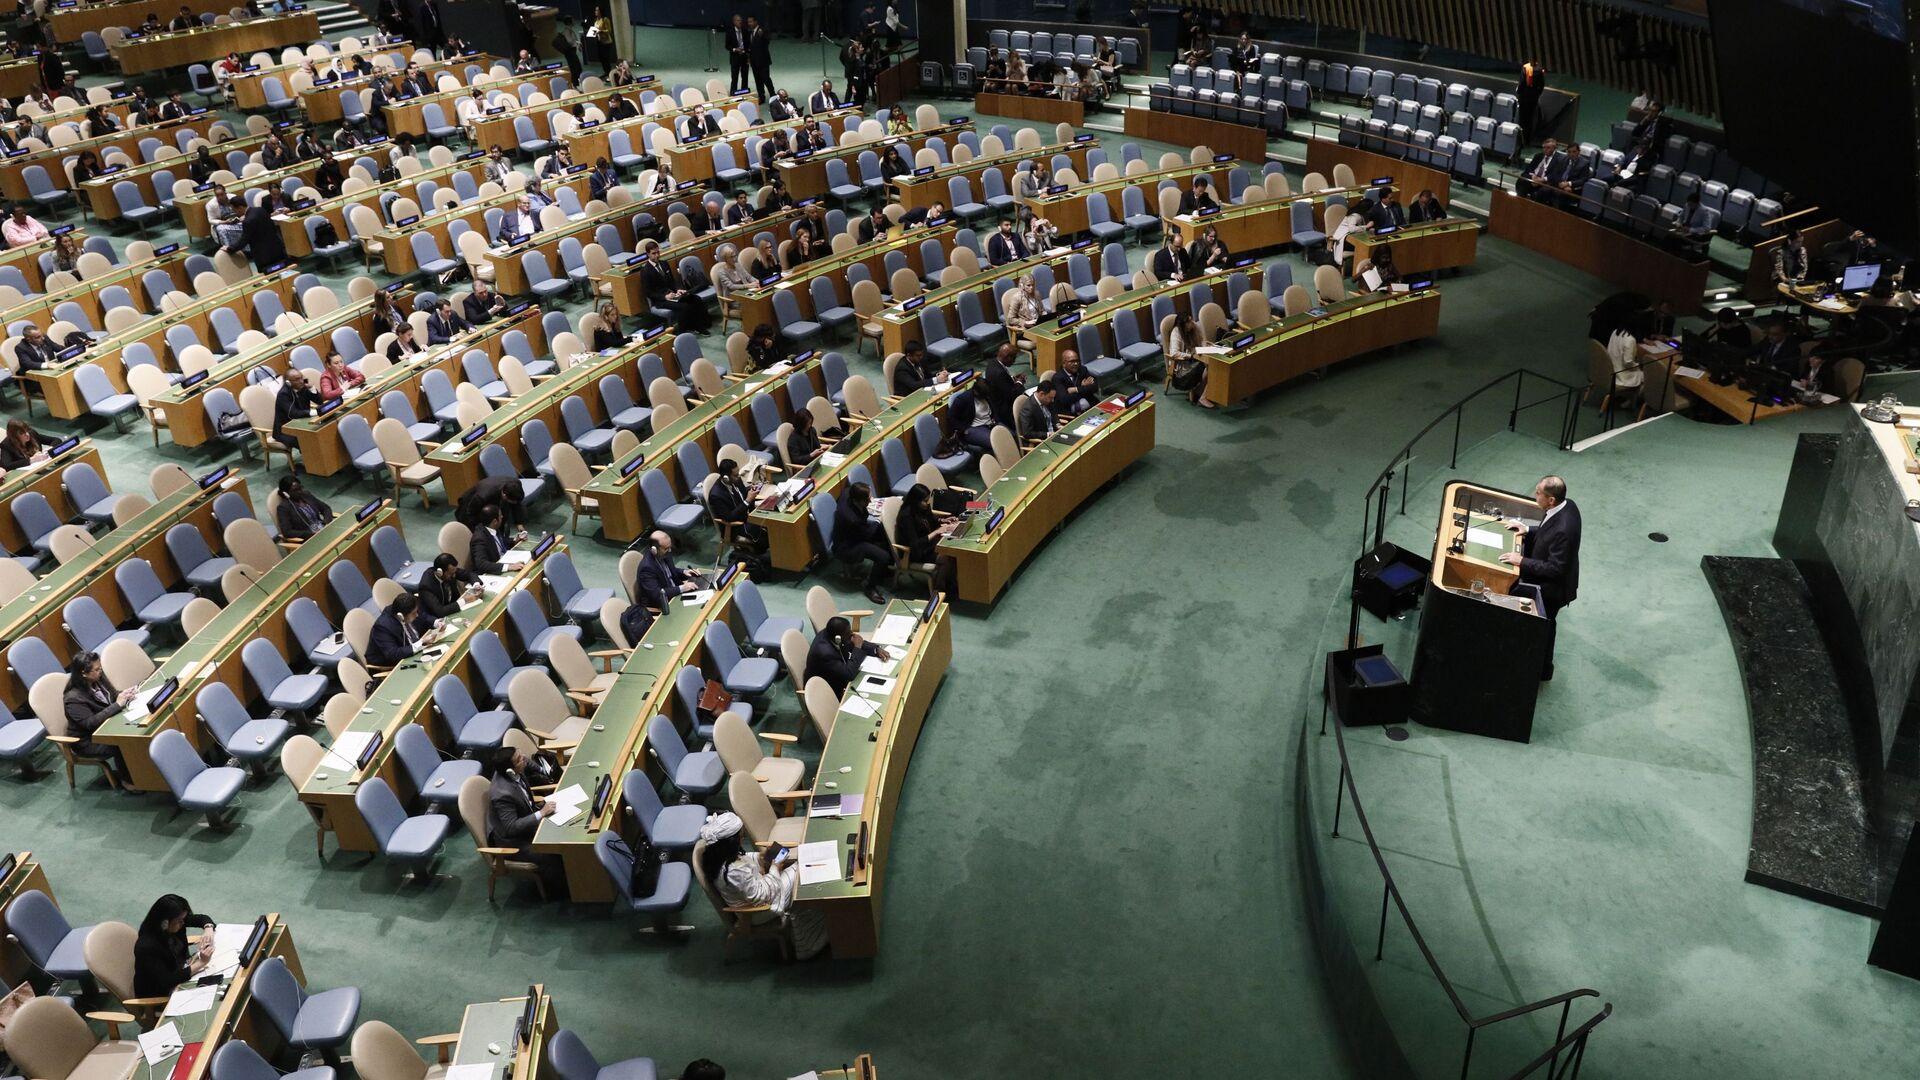 74º período de sesiones de la Asamblea General de las Naciones Unidas en Nueva York - Sputnik Mundo, 1920, 24.06.2021